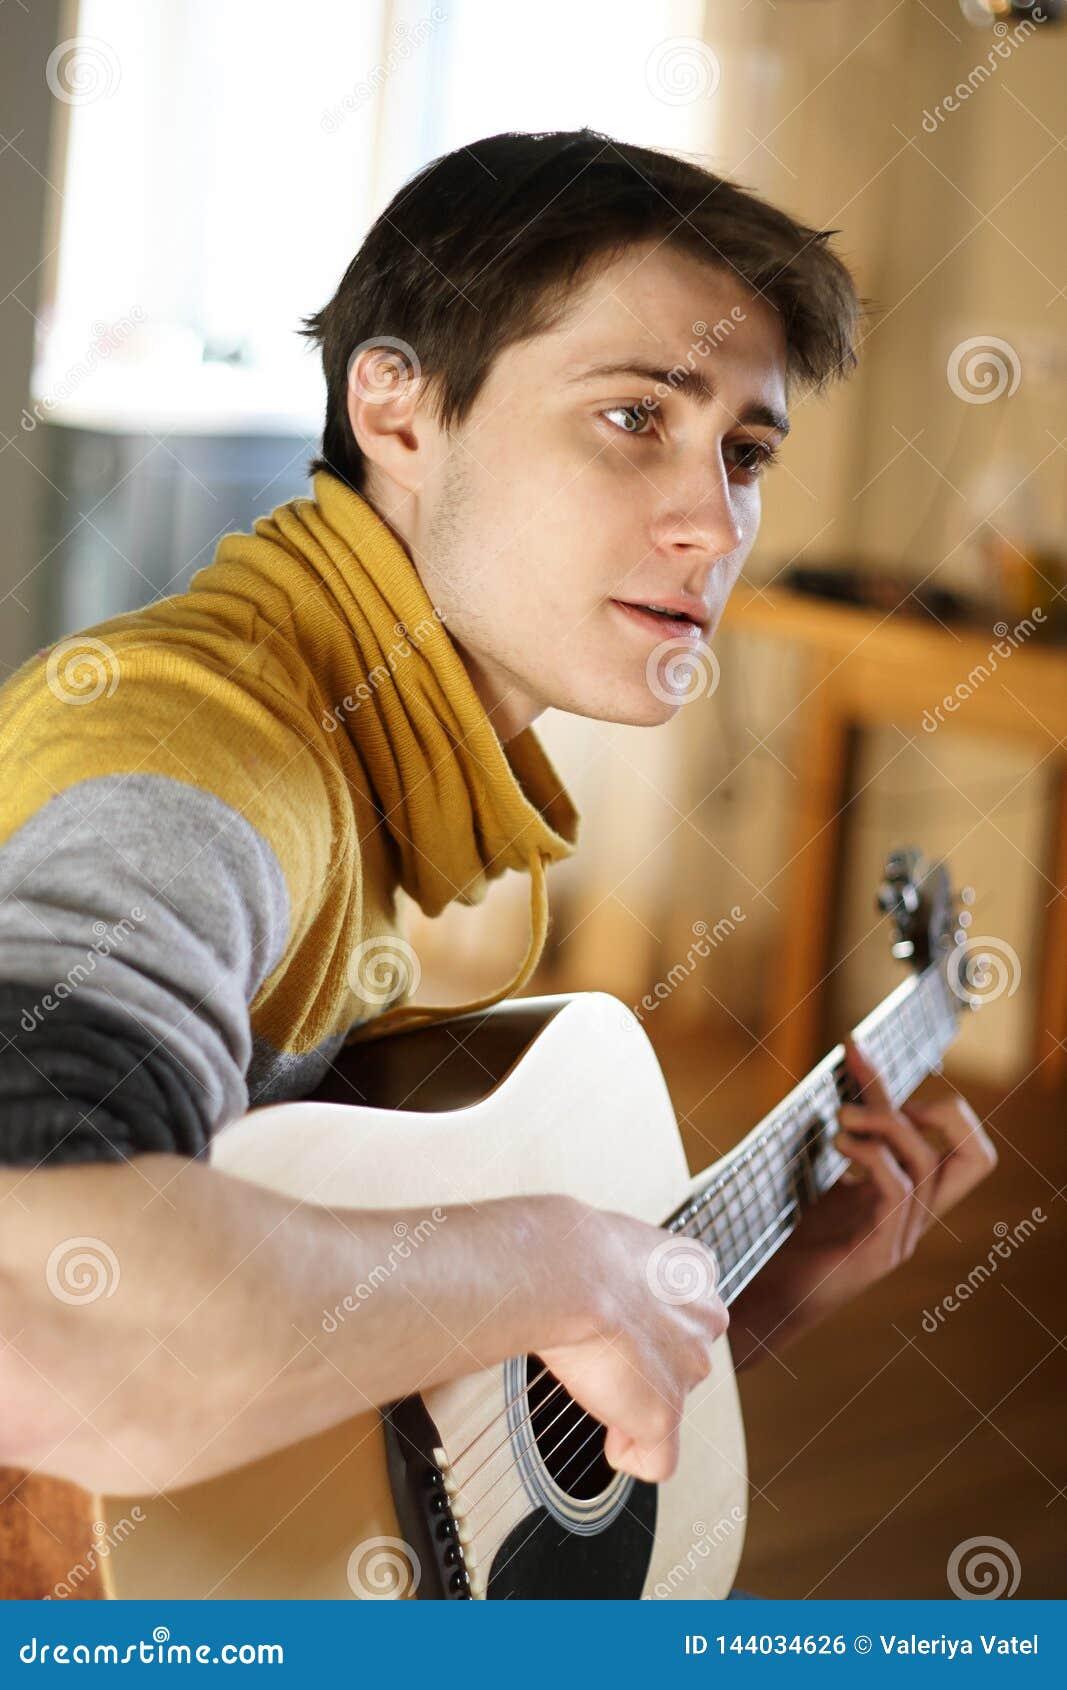 Ein Kerl in einer gelben Strickjacke singt ein Lied und spielt an seiner Gitarre